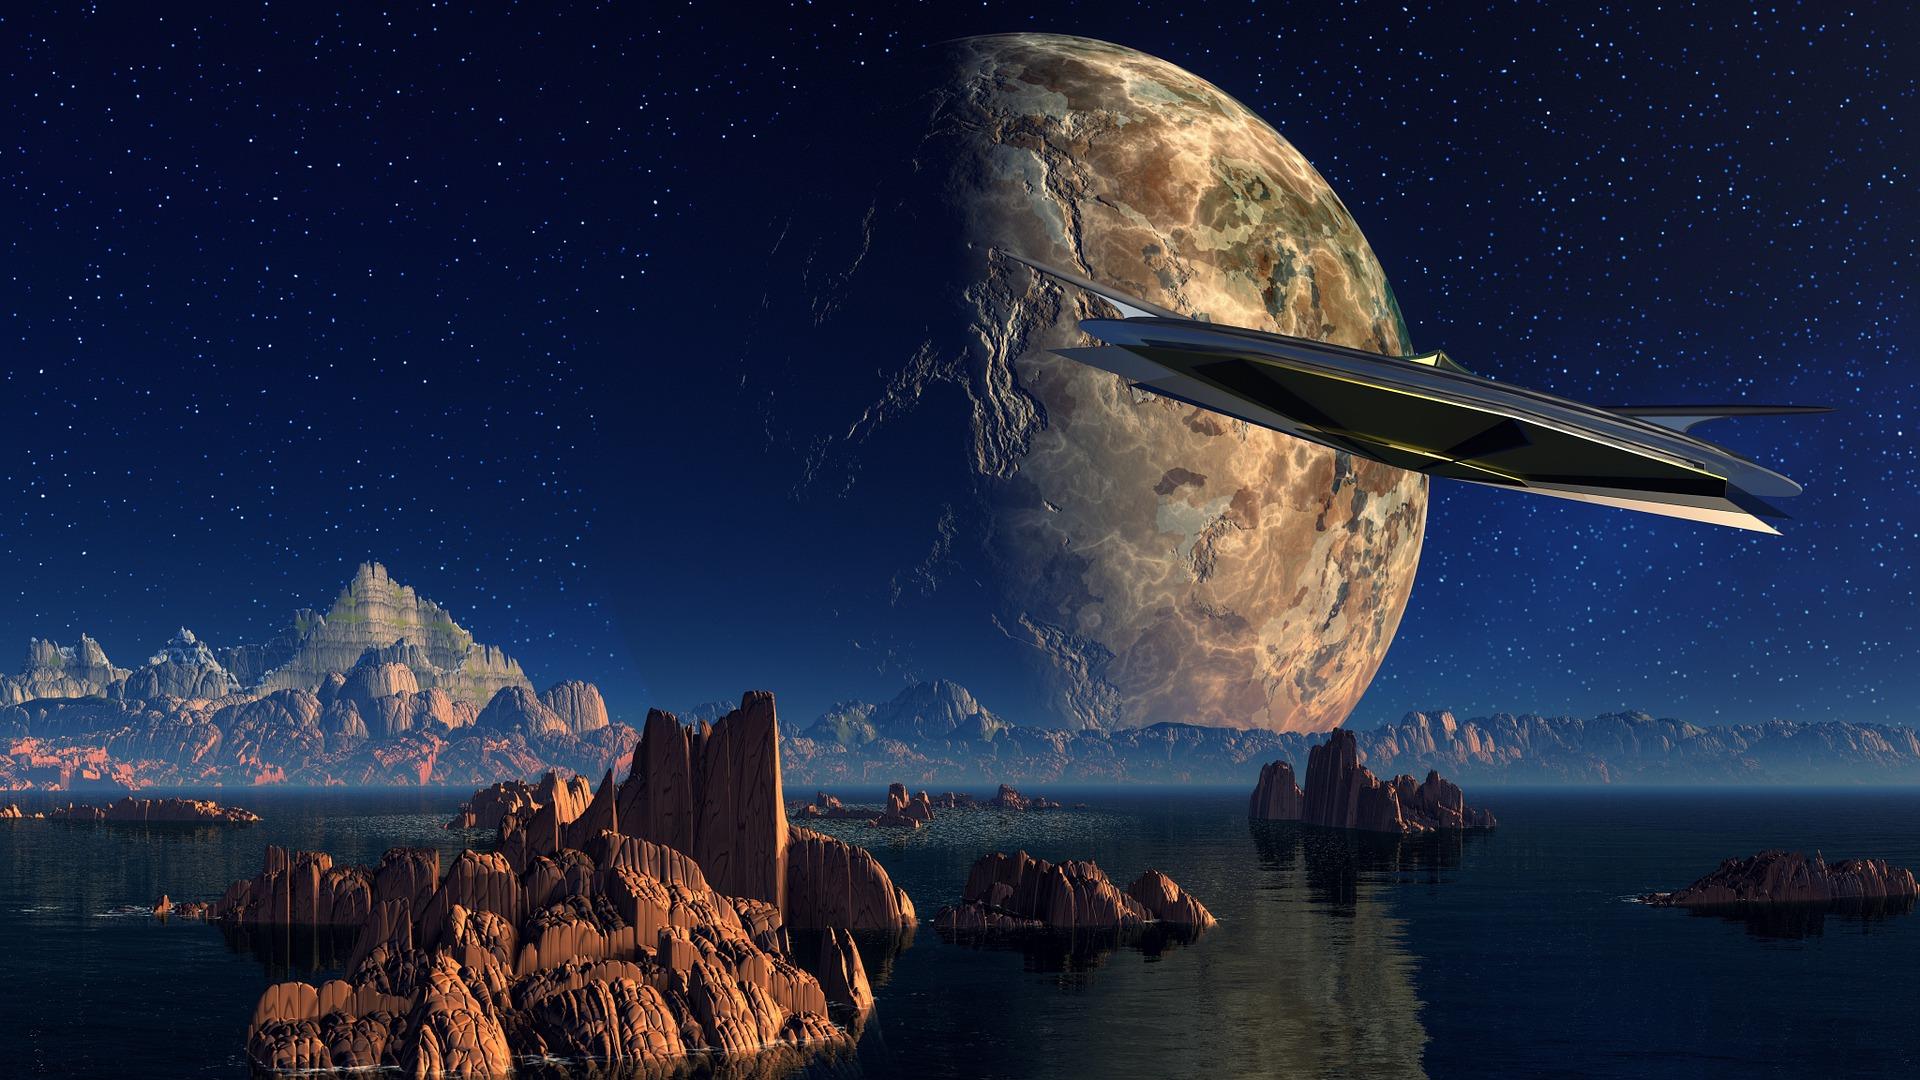 Mondlandschaft Mit Sternenhimmel Und Raumschiff Als Symbole Für Zukunft Und Innovation